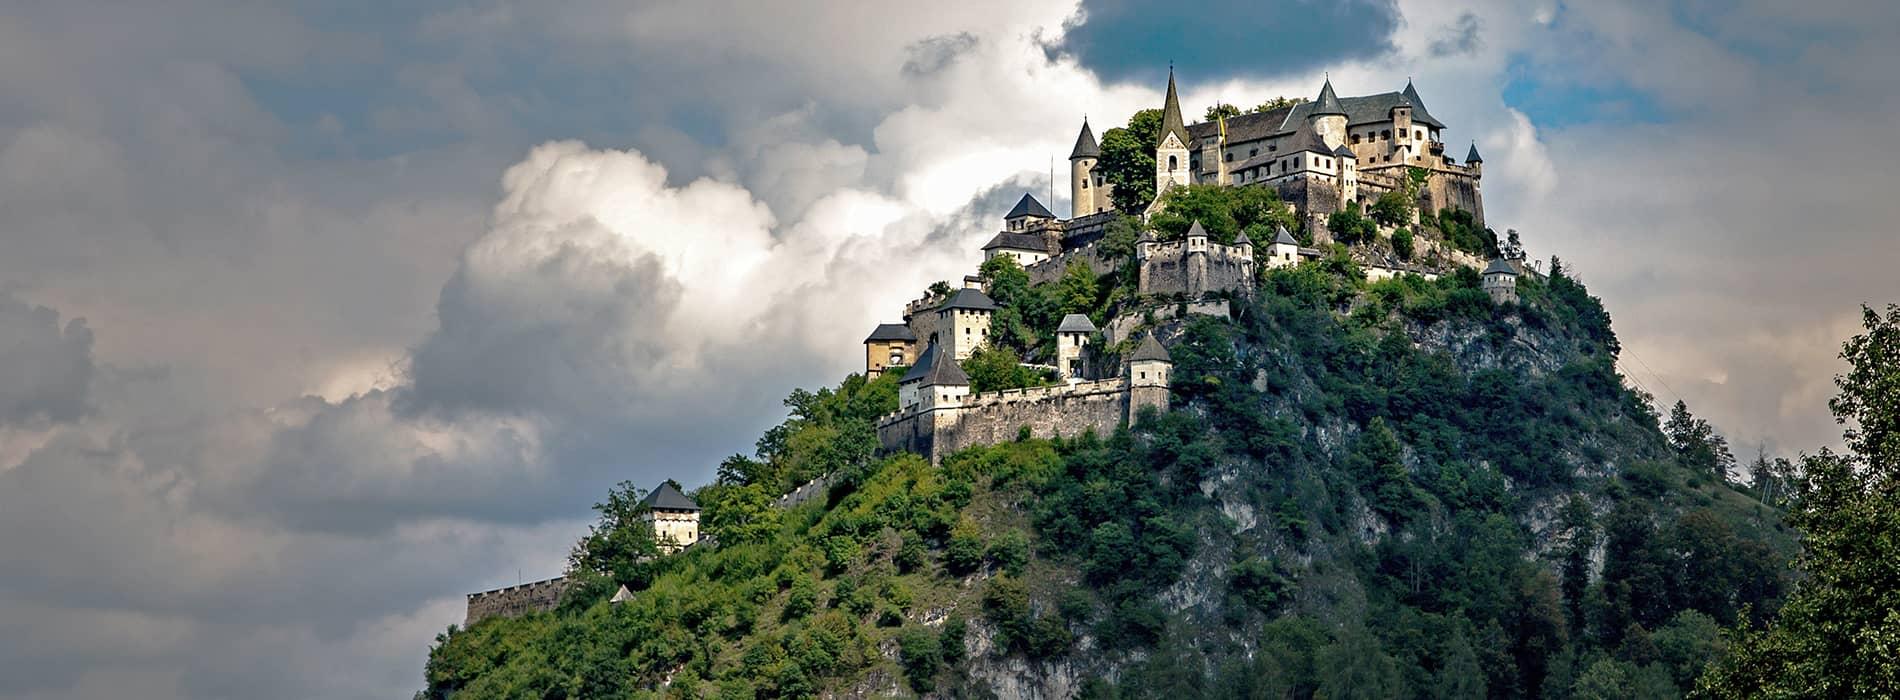 Kärntens TOP Ausflugsziele. Mittelkärnten - Burg Hochosterwitz